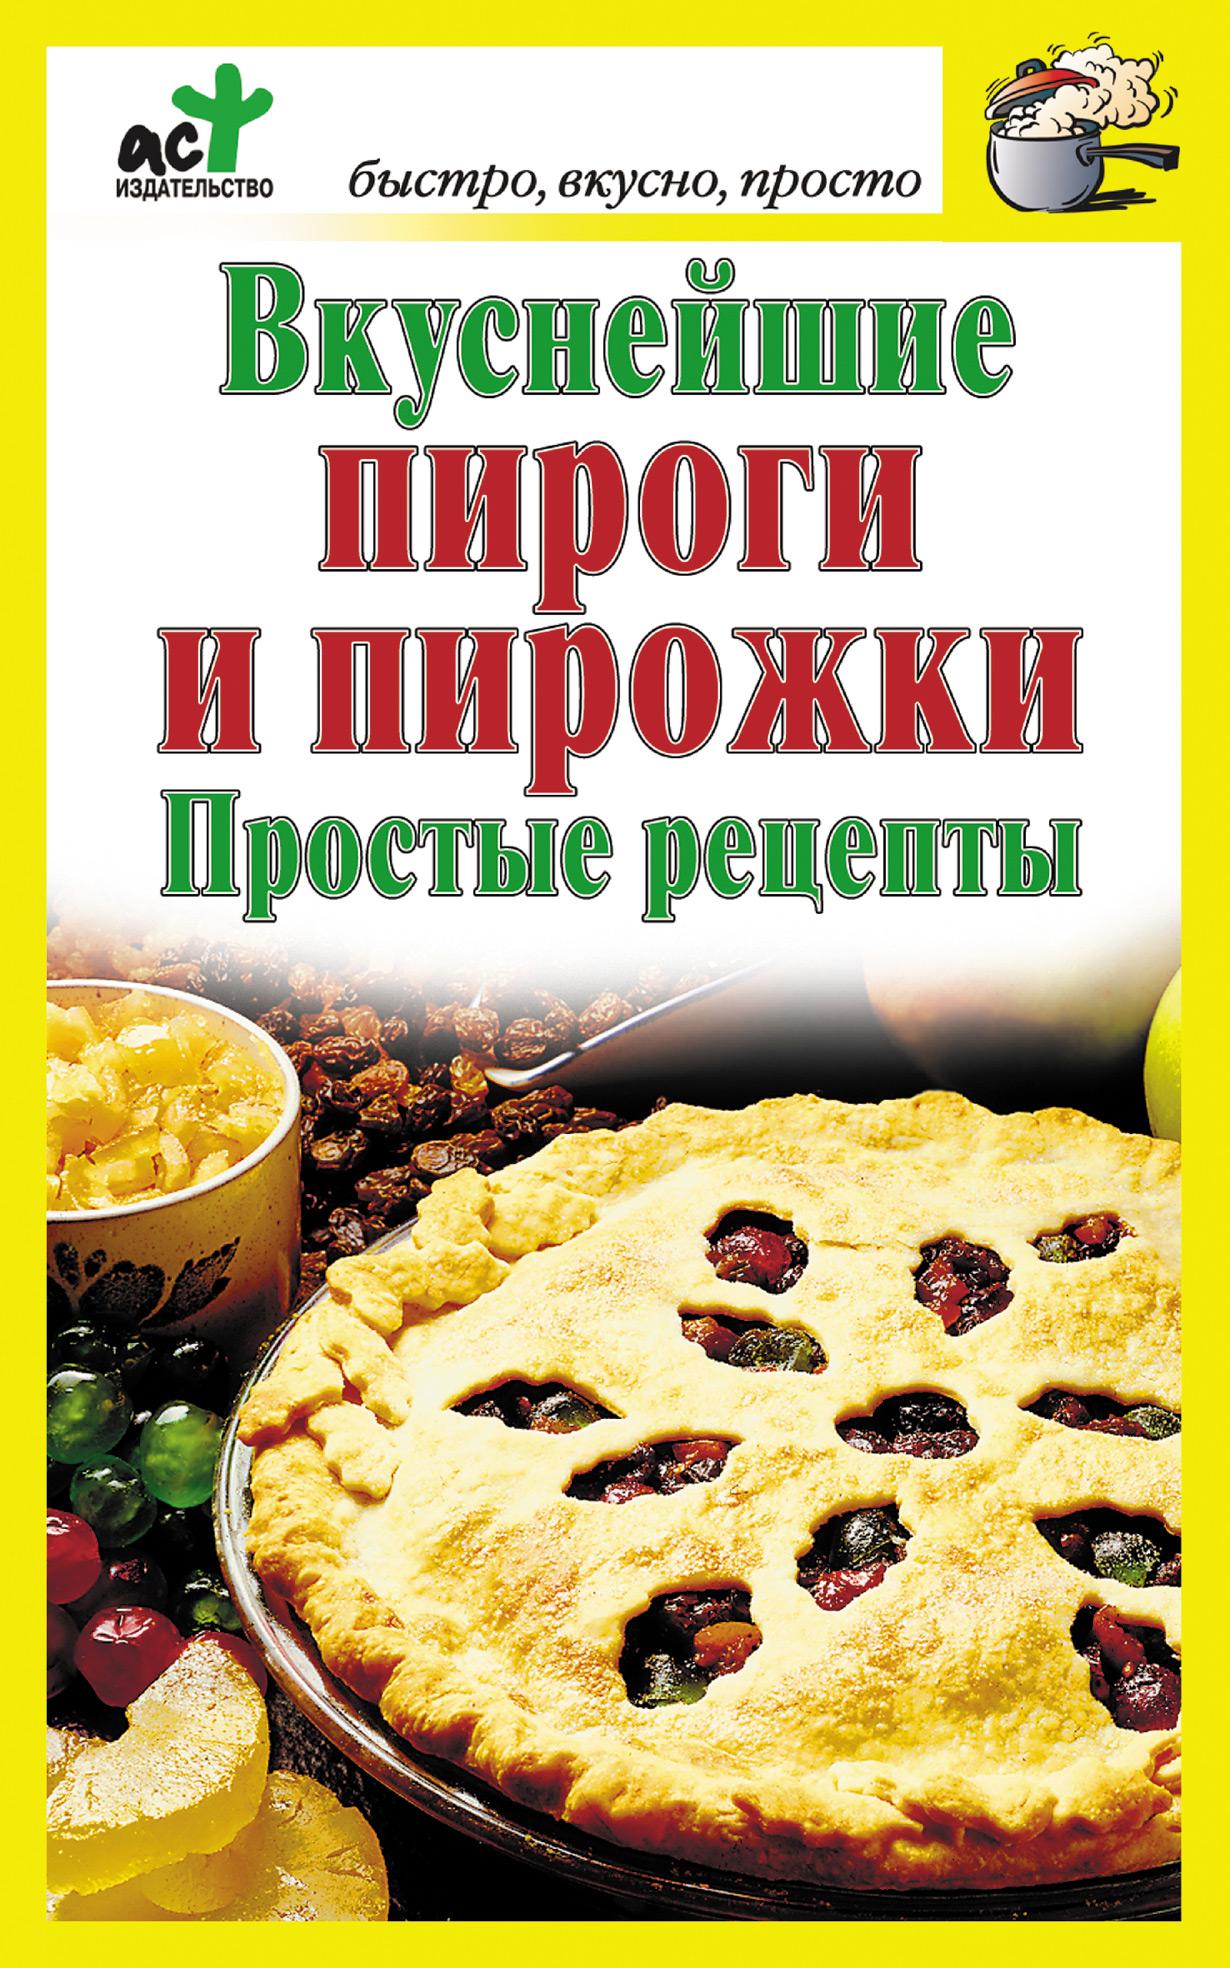 Отсутствует Вкуснейшие пироги и пирожки. Простые рецепты татарские пироги в москве